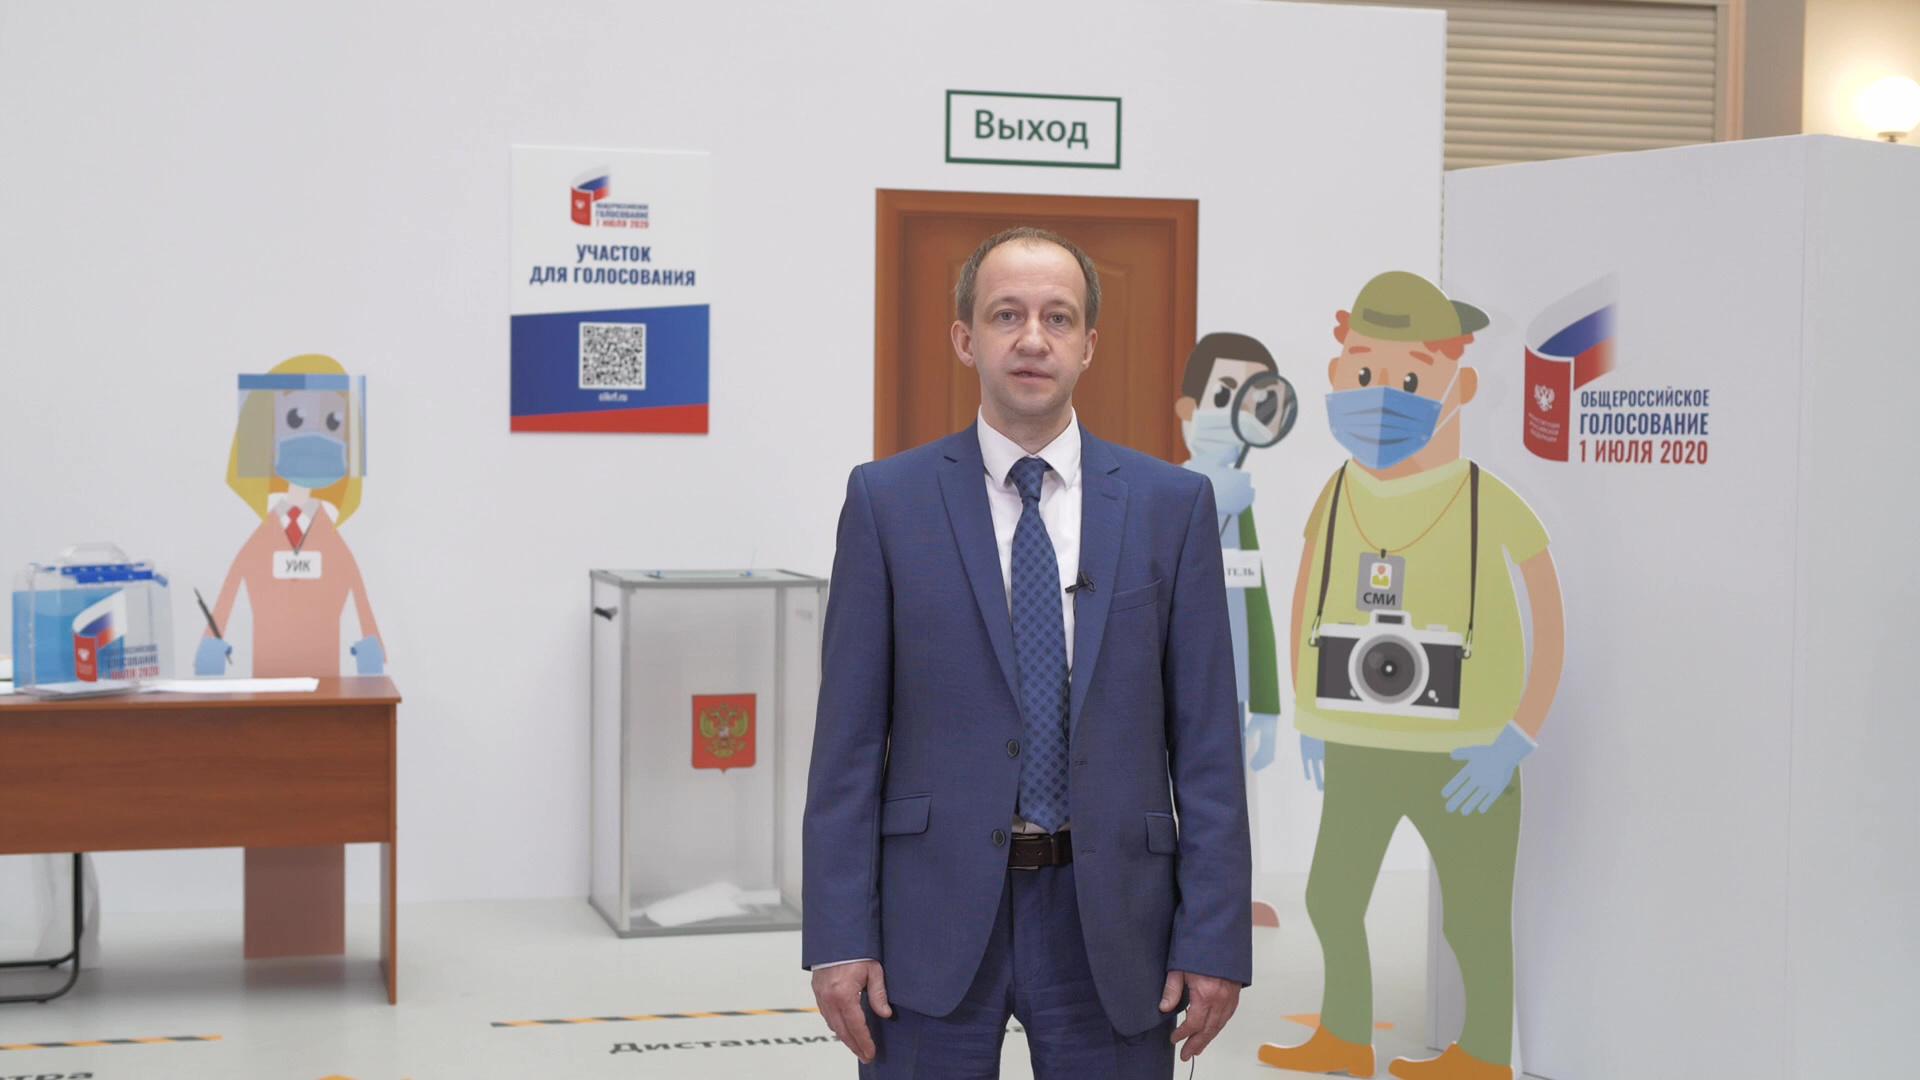 Член избиркома РФ рассказал, как будет проходить голосование по поправкам в Конституцию